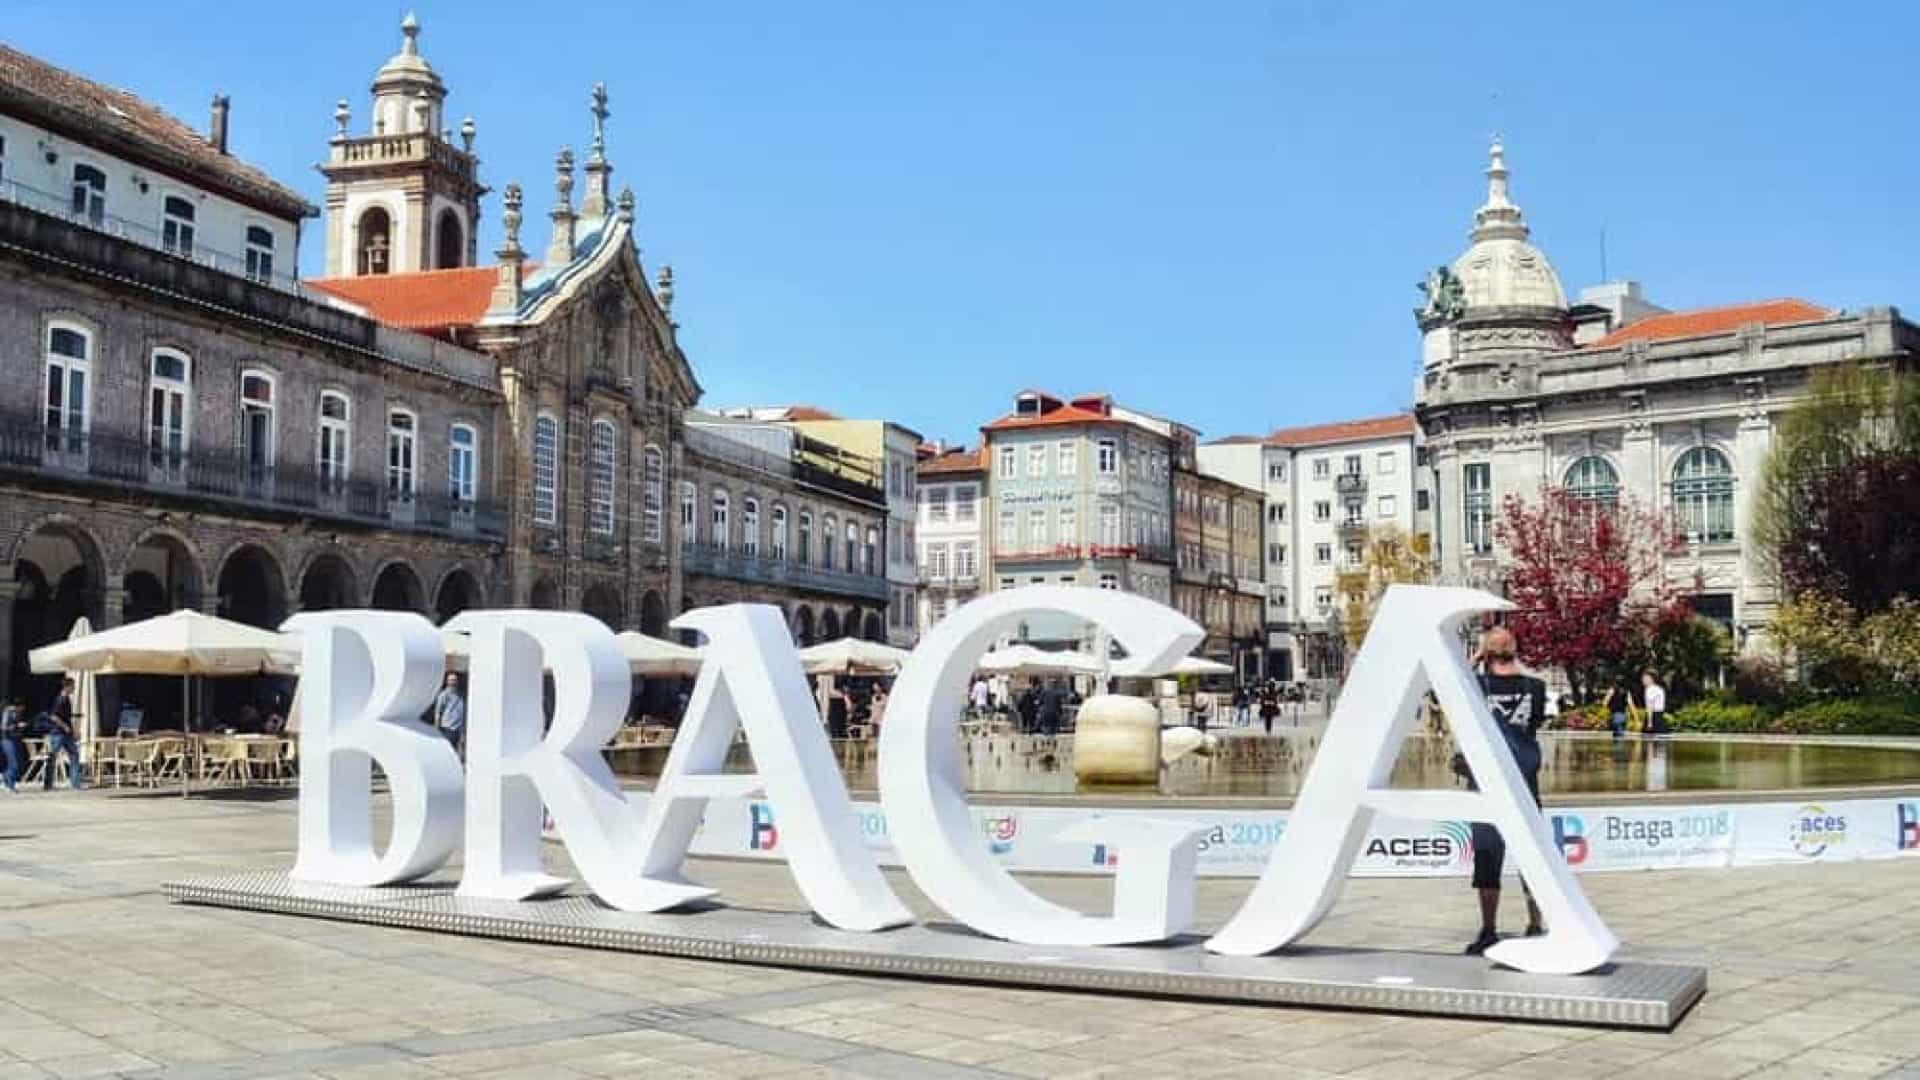 Censos 21. Qualidade de vida e brasileiros justificam crescimento demográfico em Braga, diz presidente da Câmara